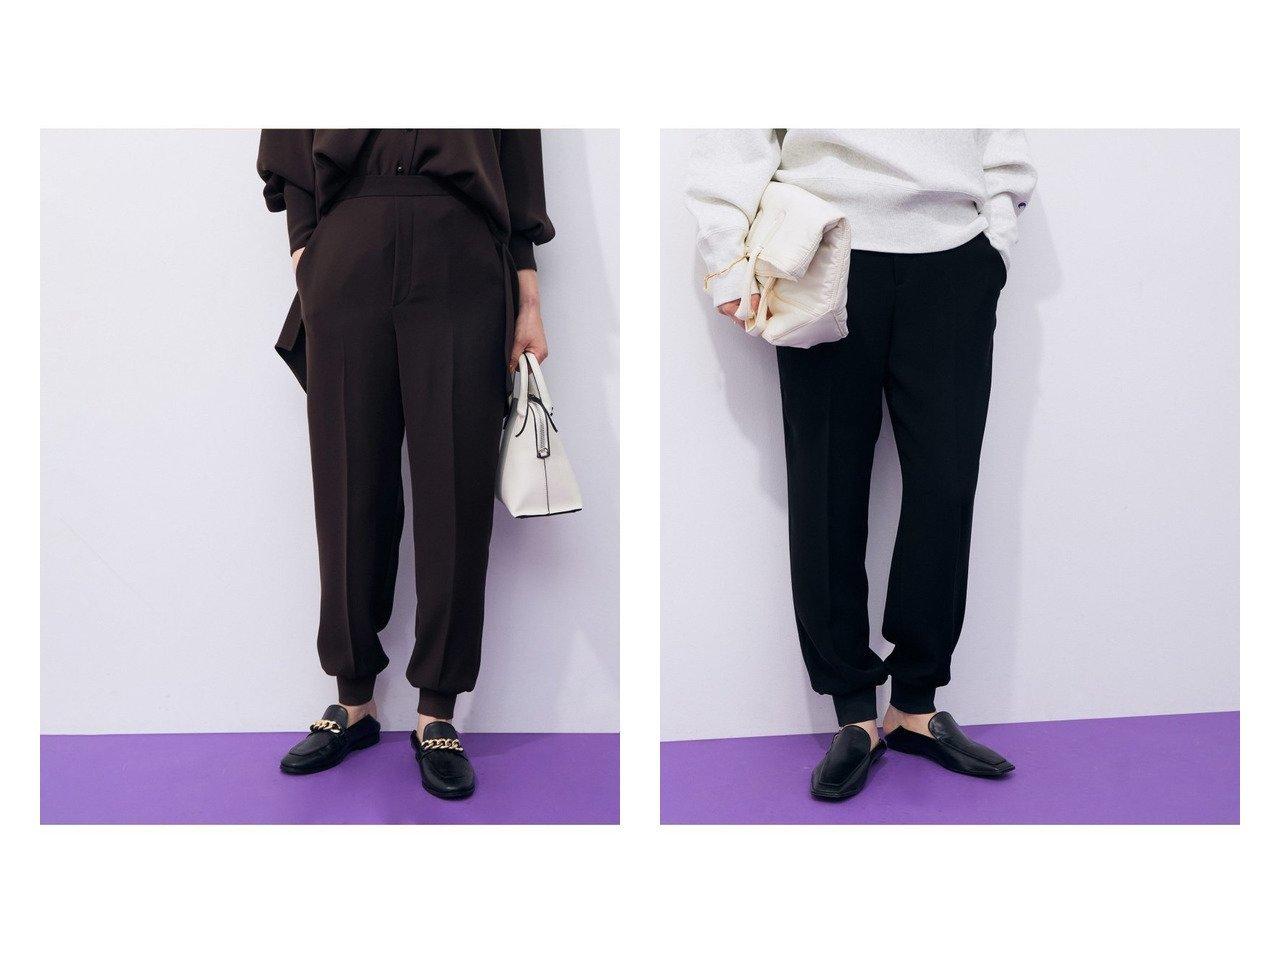 【ADAM ET ROPE'/アダム エ ロペ】の【セットアップ対応】リラックスジョグパンツ 【パンツ】おすすめ!人気、トレンド・レディースファッションの通販 おすすめで人気の流行・トレンド、ファッションの通販商品 インテリア・家具・メンズファッション・キッズファッション・レディースファッション・服の通販 founy(ファニー) https://founy.com/ ファッション Fashion レディースファッション WOMEN セットアップ Setup パンツ Pants ショート ジーンズ ストラップサンダル ストレッチ スリーブ セットアップ センター なめらか ボトム ポケット リラックス ロング A/W・秋冬 AW・Autumn/Winter・FW・Fall-Winter 2021年 2021 2021-2022秋冬・A/W AW・Autumn/Winter・FW・Fall-Winter・2021-2022 おすすめ Recommend  ID:crp329100000071355